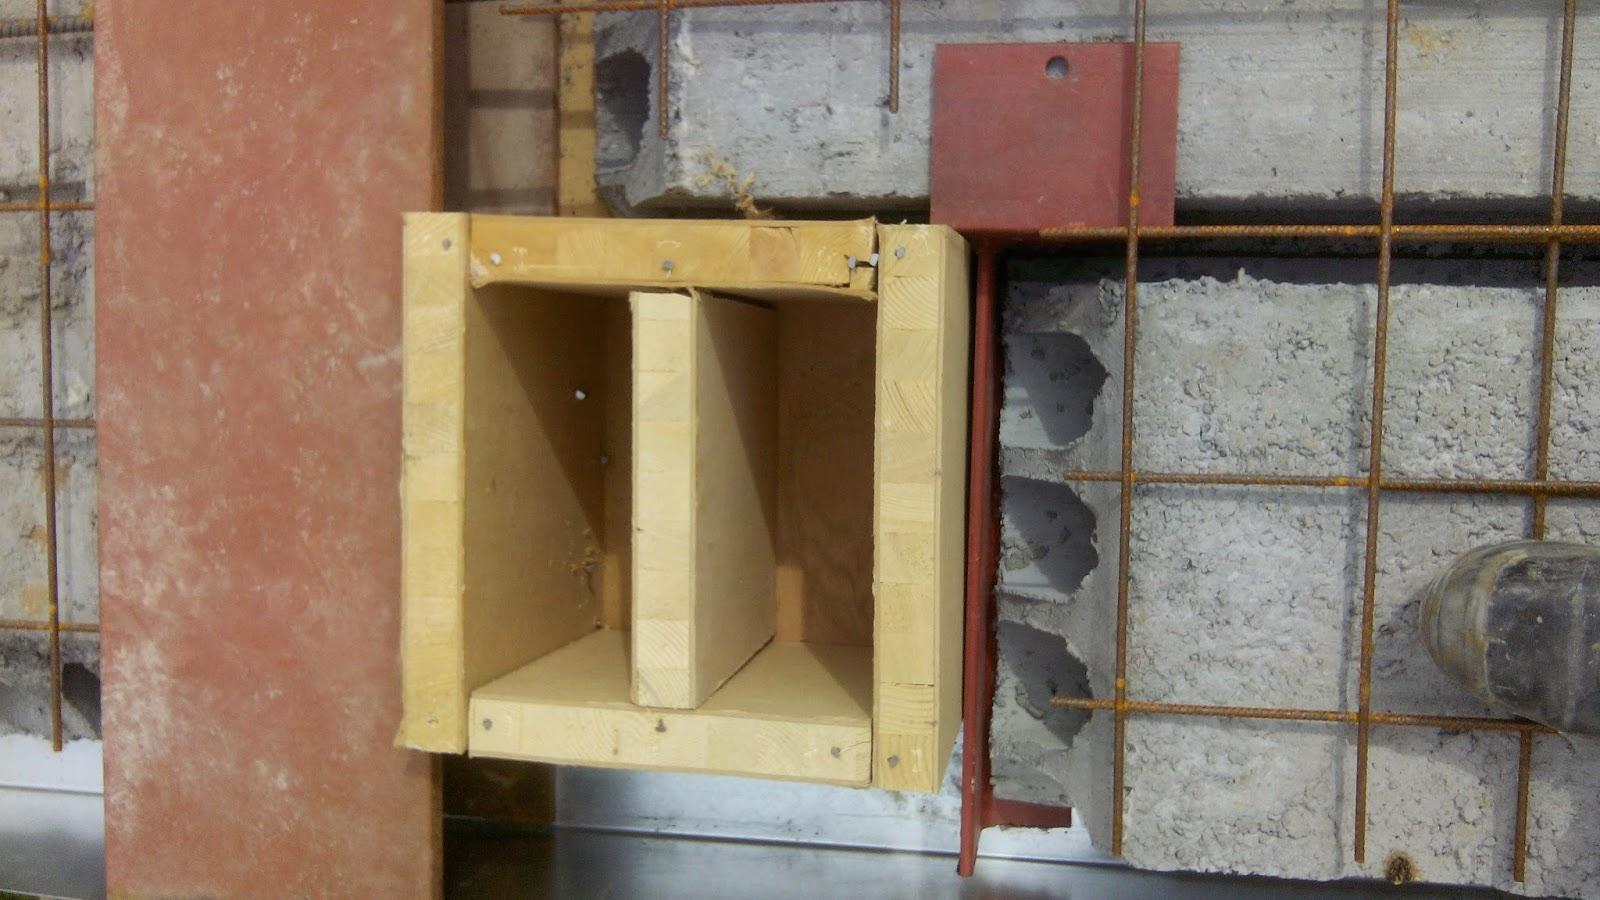 Zelf betonnen trap storten project w l wij bouwen zelf for Trap bouwen